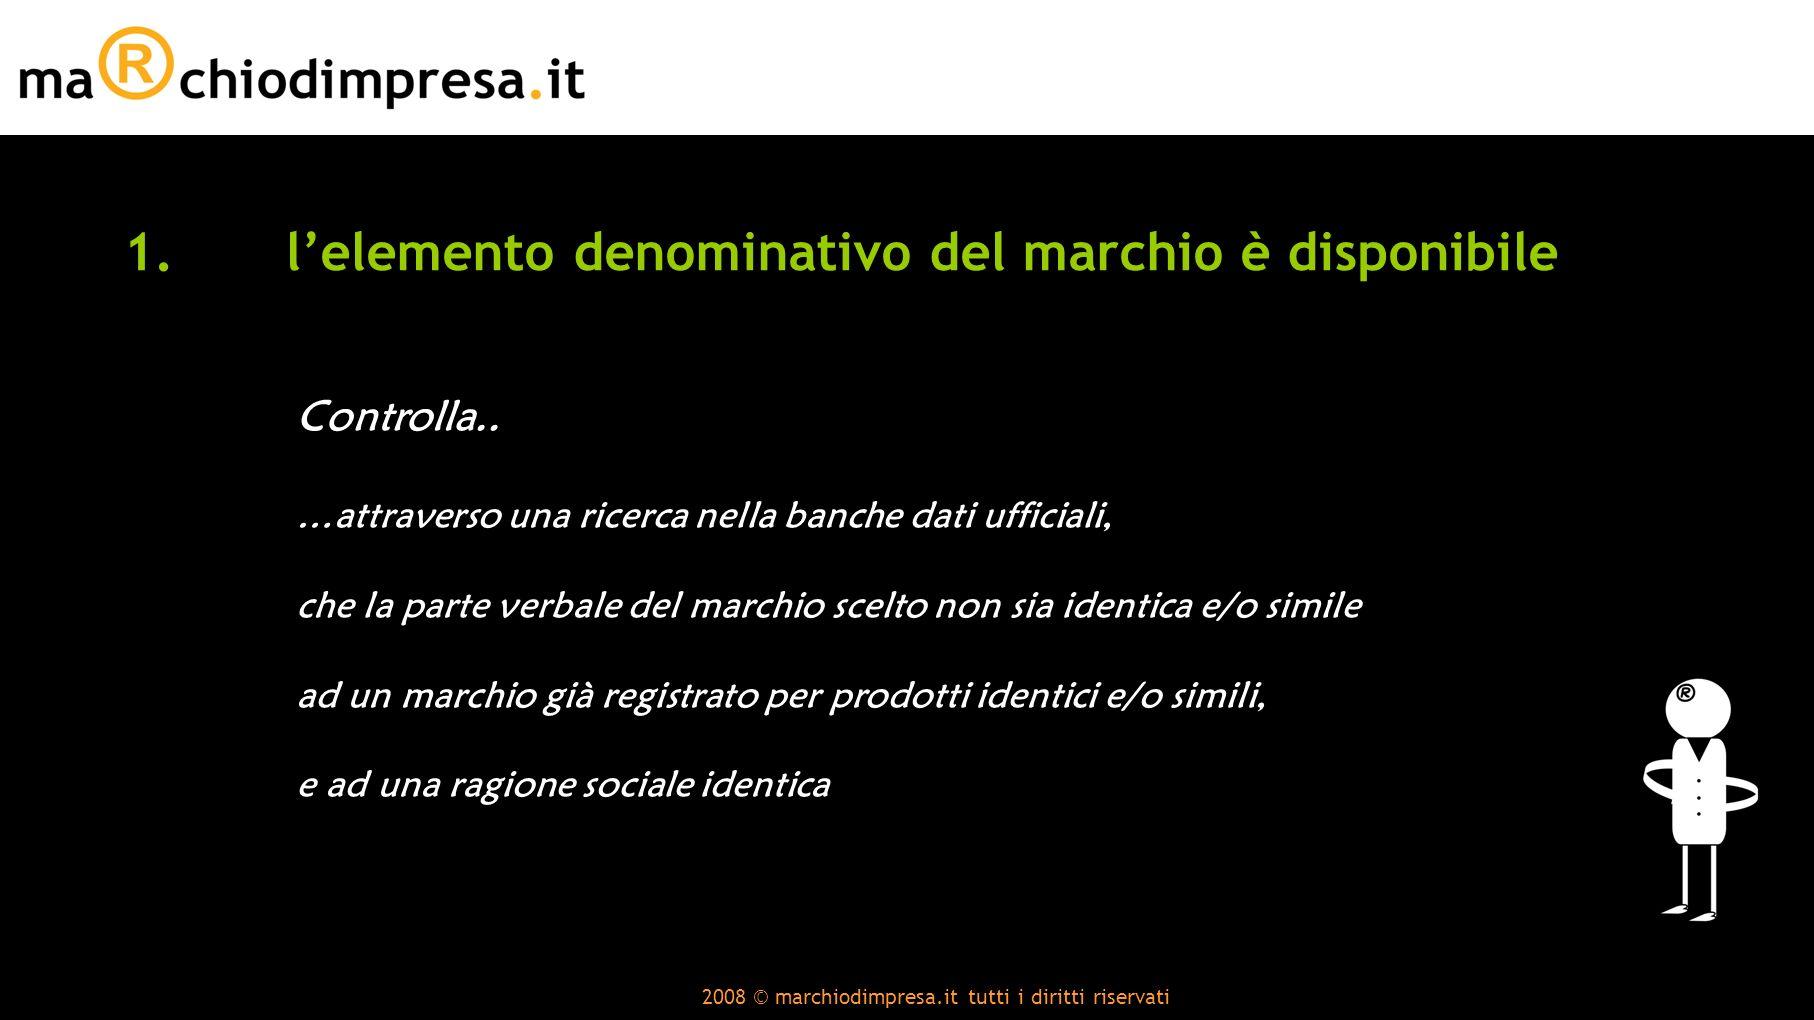 2008 © marchiodimpresa.it tutti i diritti riservati ma ® chiodimpresa.it Entra